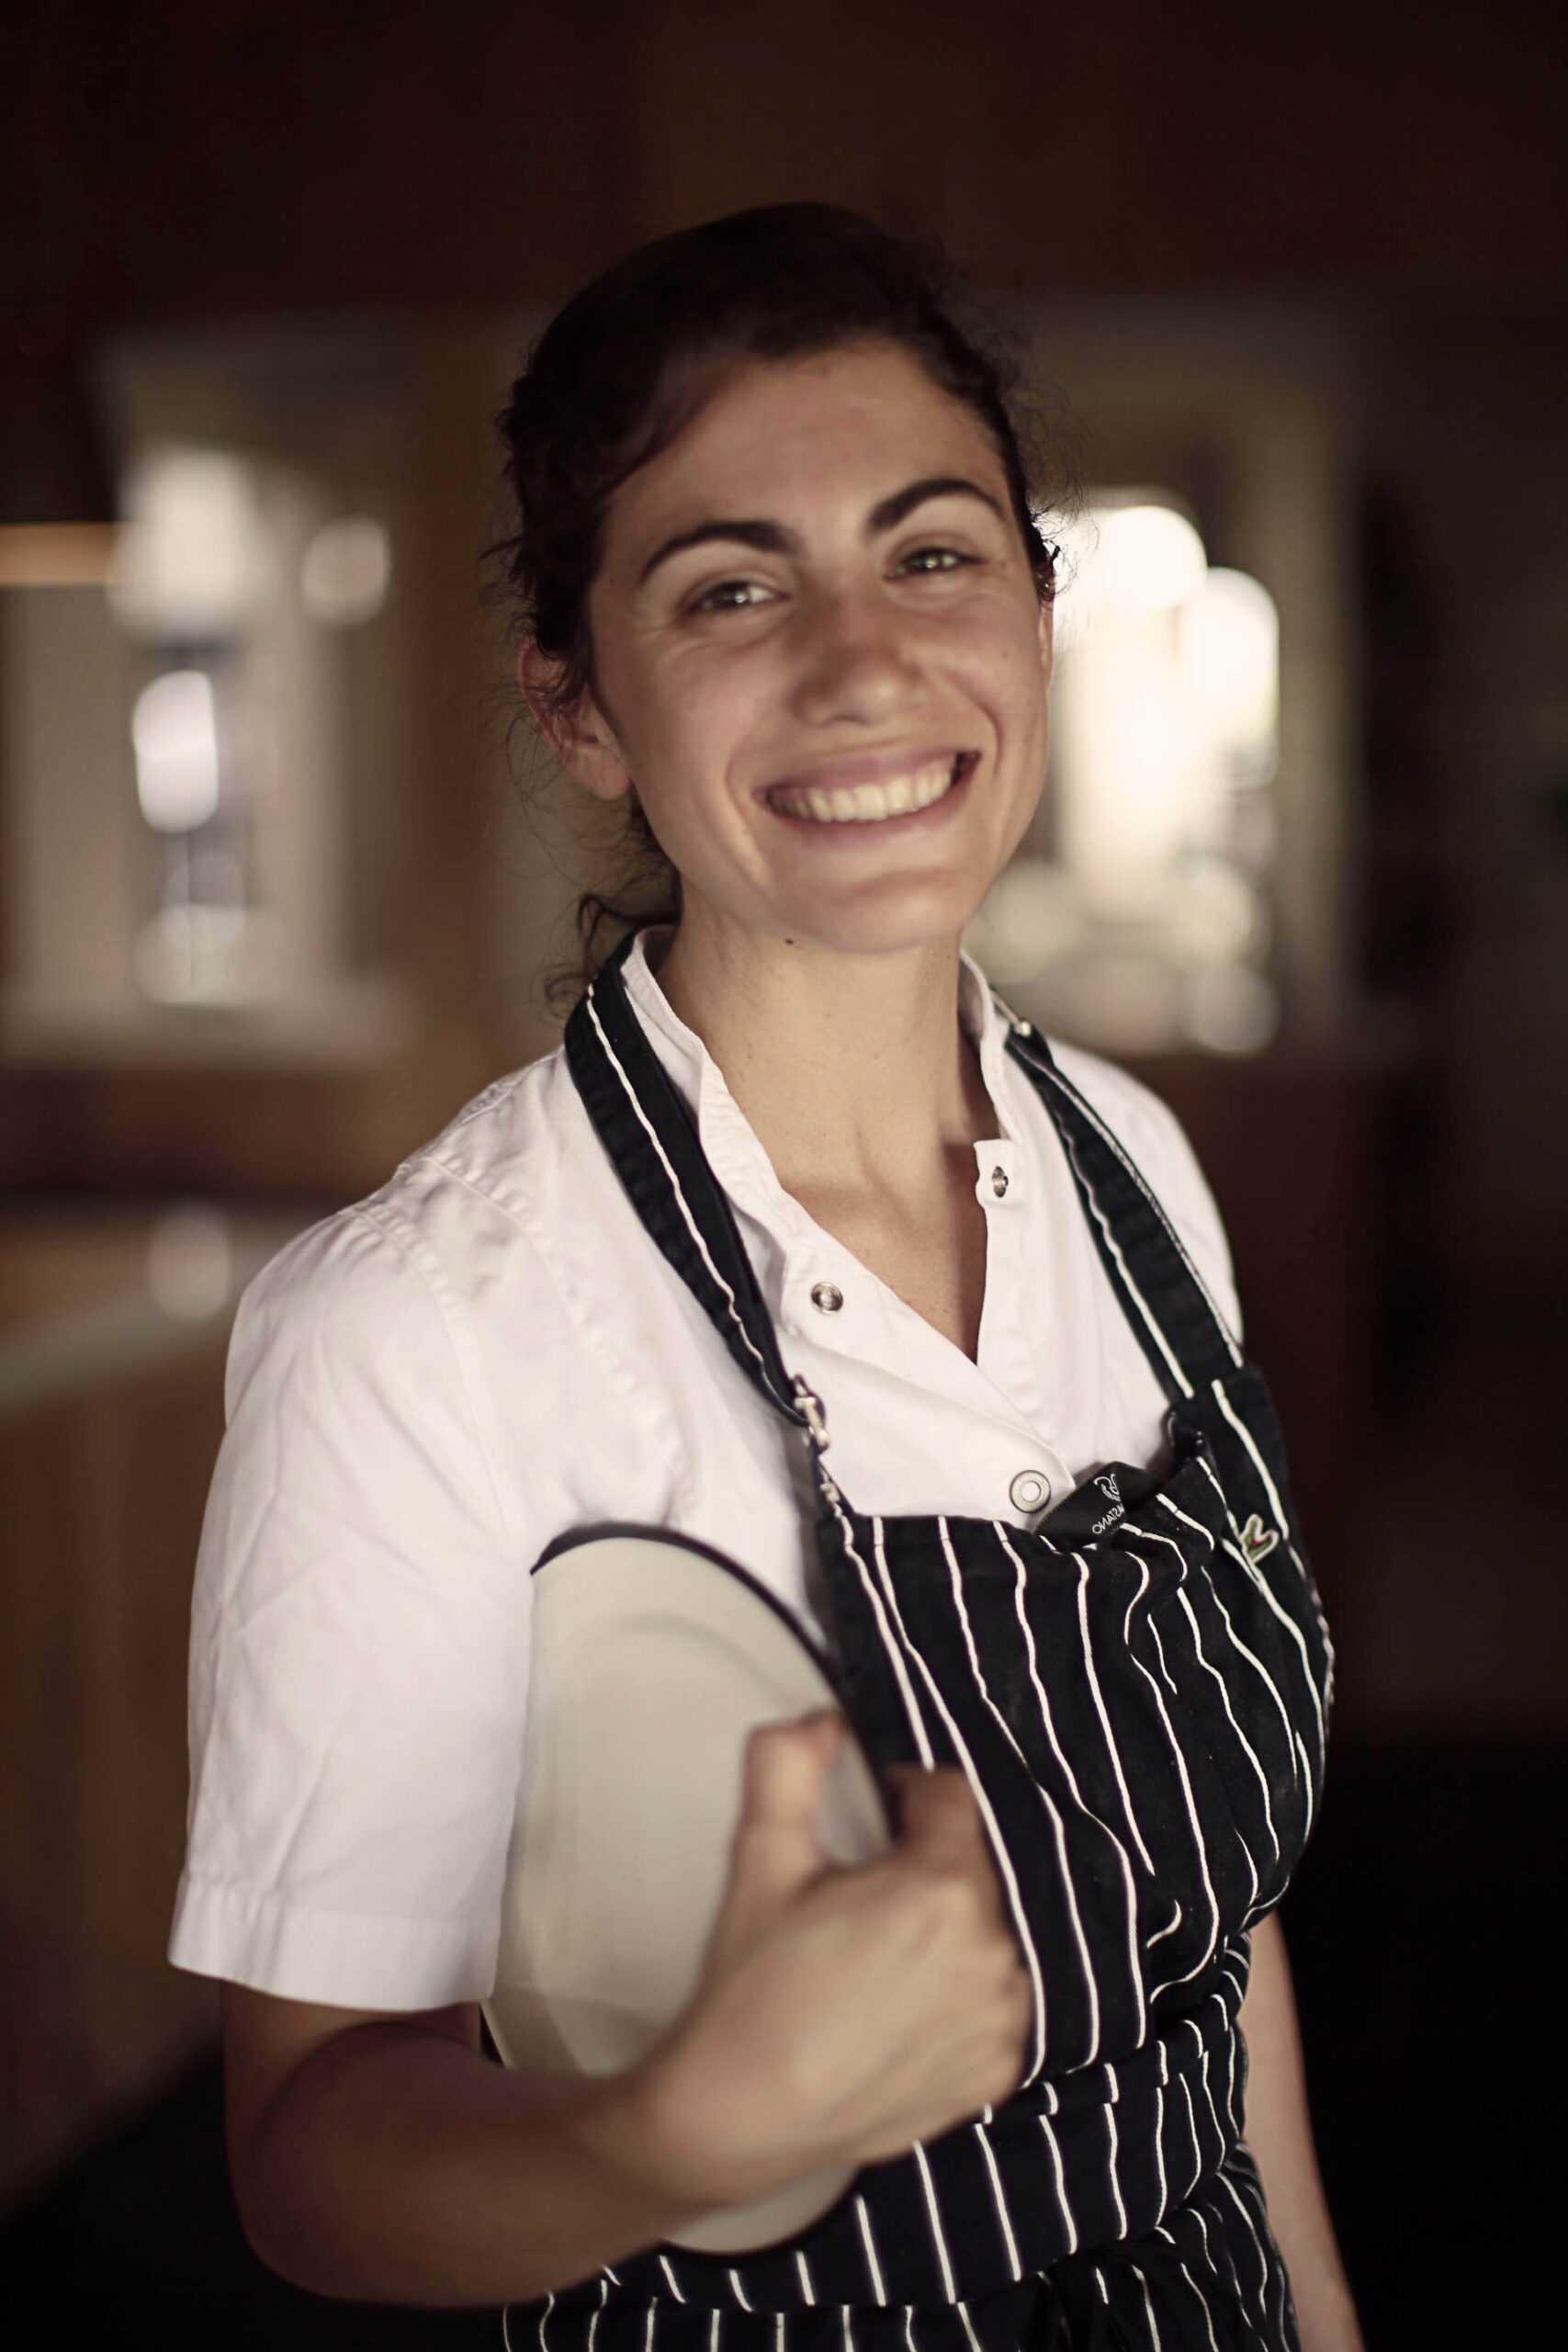 Jef@s de cocina: conocé la selección sub 33 de la gastronomía nacional 1